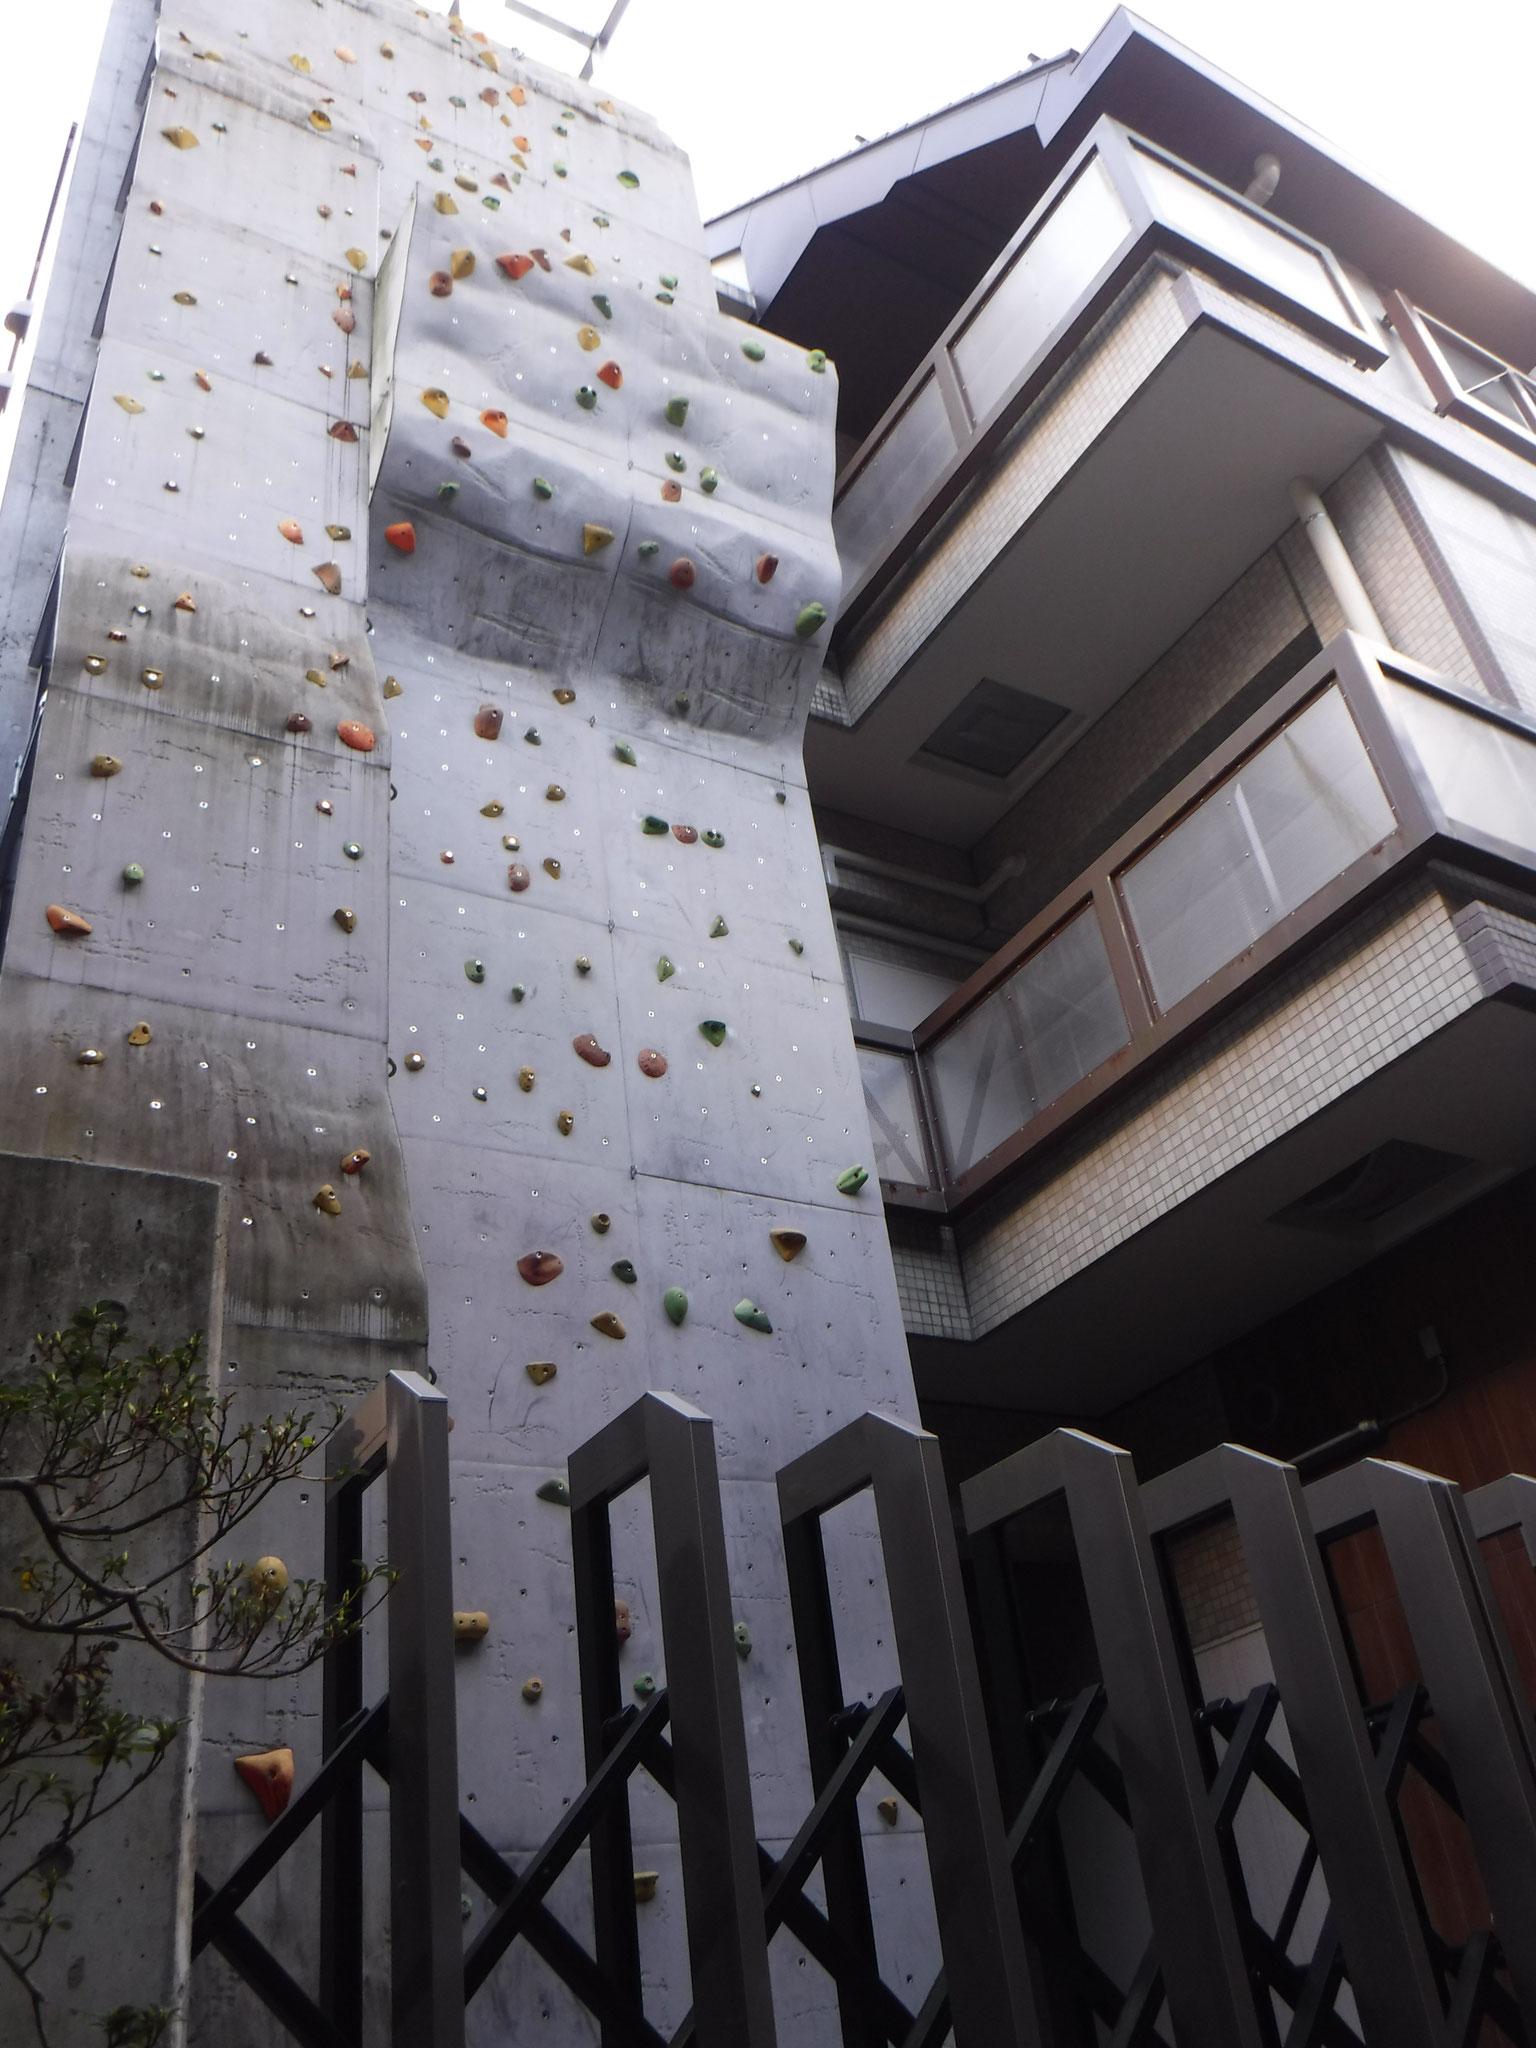 奥多摩交番の建物壁面のクライミングウォール、ウインチもある。